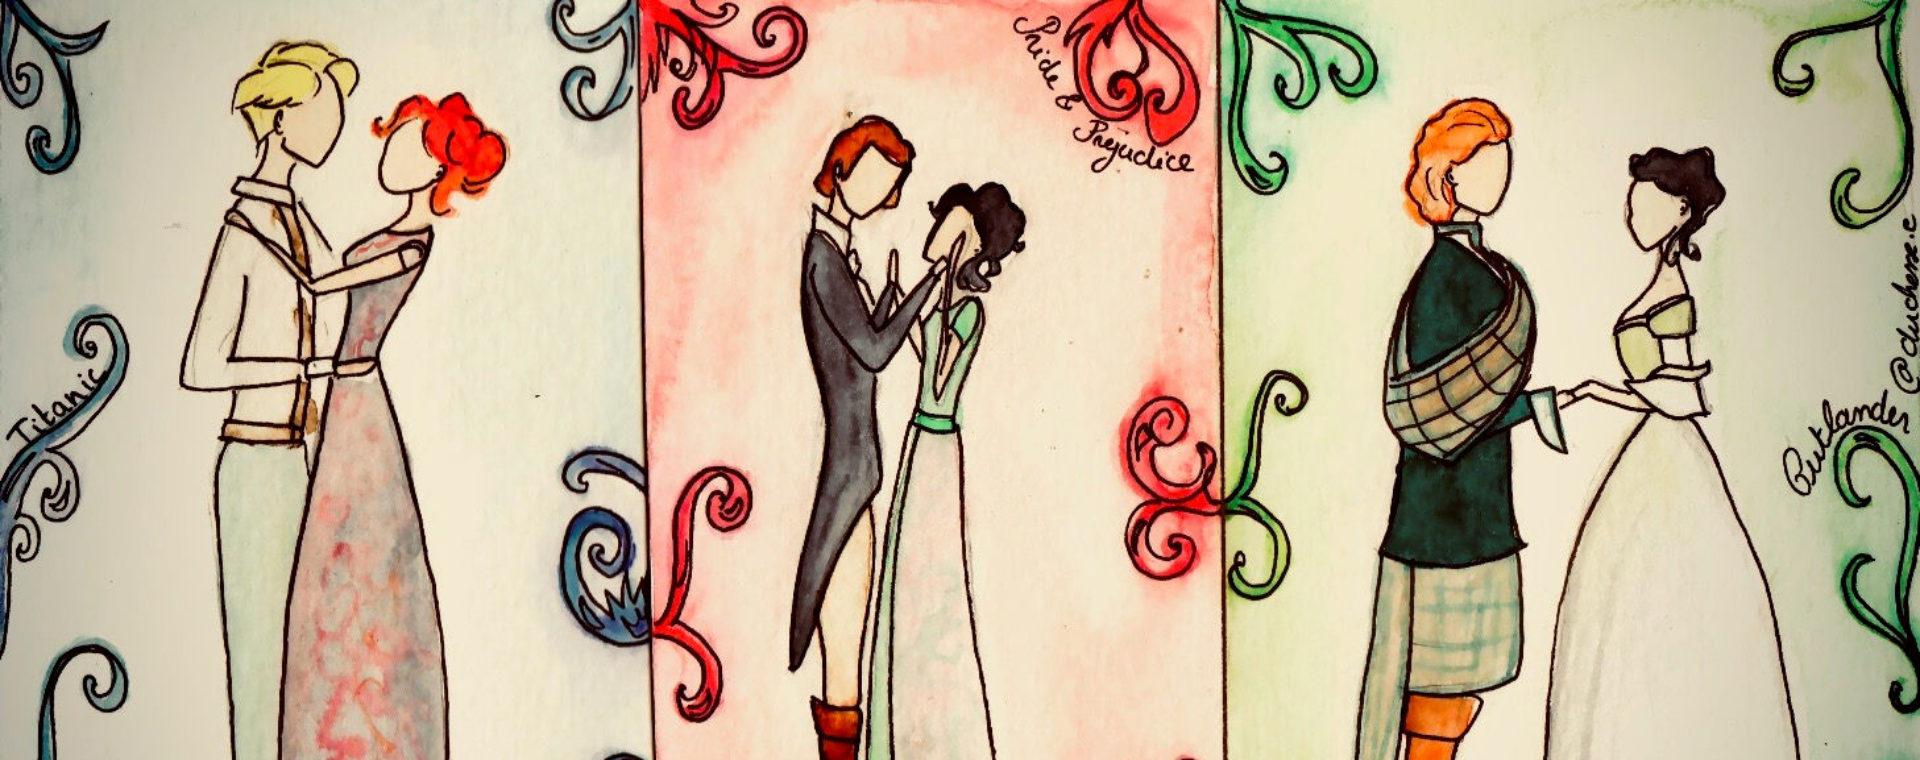 La Romantique Eperdue